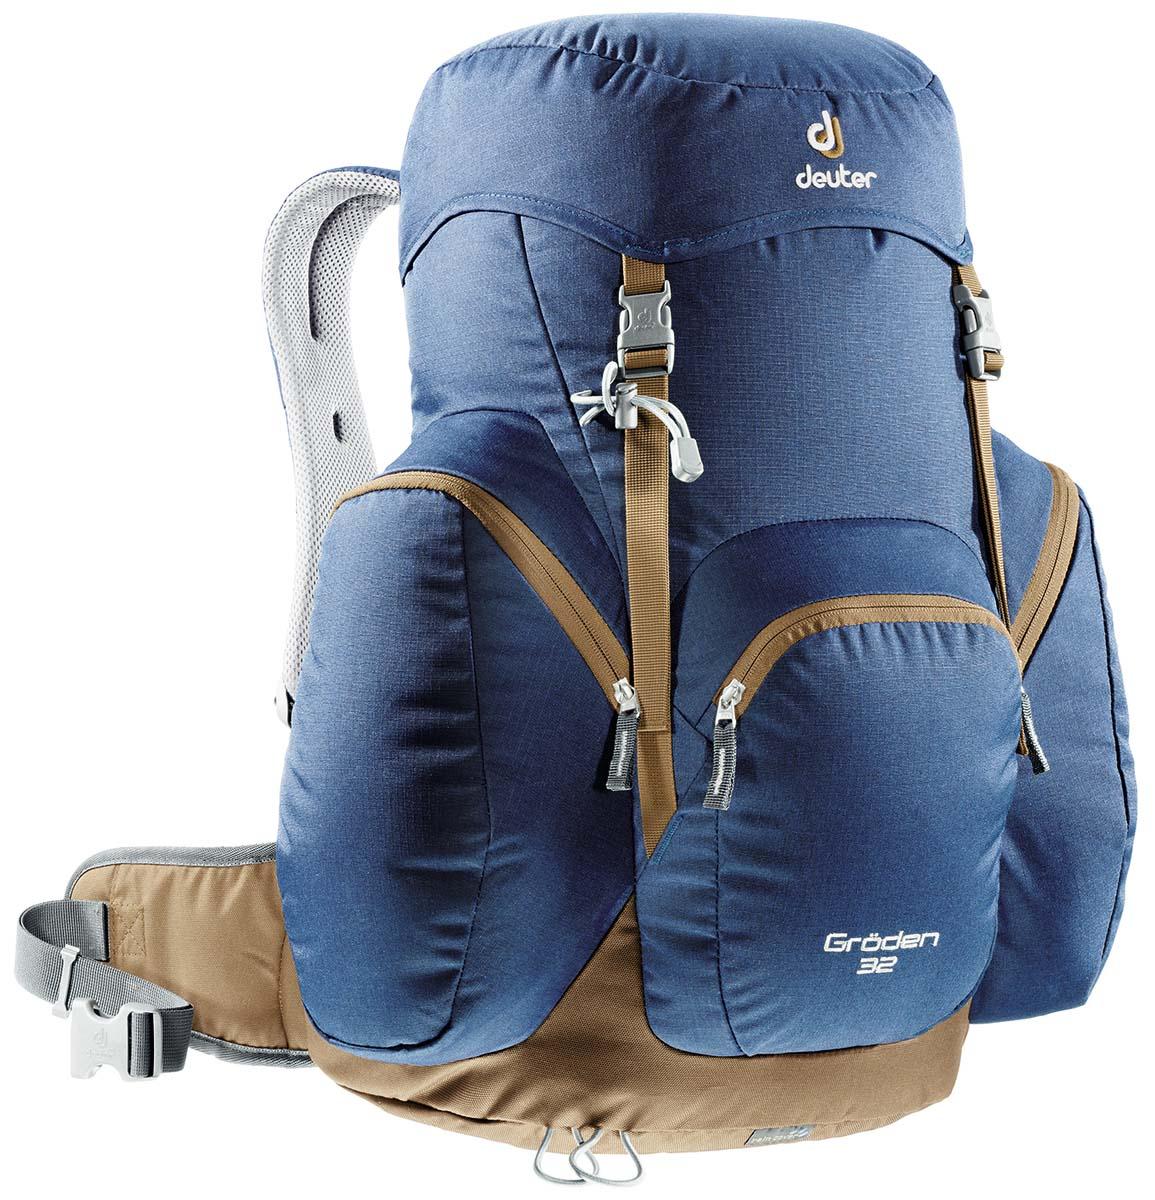 Рюкзак туристический Deuter Groden 32, цвет: синий, коричневый, 32 л67744Рюкзак Groden был представлен в линейке Deuter еще с 1984 года и одним из первых получил революционную технологию подвески Aircomfort, что перевернуло весь рынок спортивных рюкзаков. После этого события другие компании-производители рюкзаков стали копировать технологию Aircomfort, так как она разительно отличалась системой вентиляции спины и удобством, благодаря своему анатомическому строению. В последующие годы Deuter продолжал производство рюкзака Groden, каждый раз обновляя его. Сегодняшний Groden 30 SL – это рюкзак, выдержанный в классическом стиле и предлагающий увеличенный объем, чтобы можно было поместить все необходимое даже в зимних путешествиях.